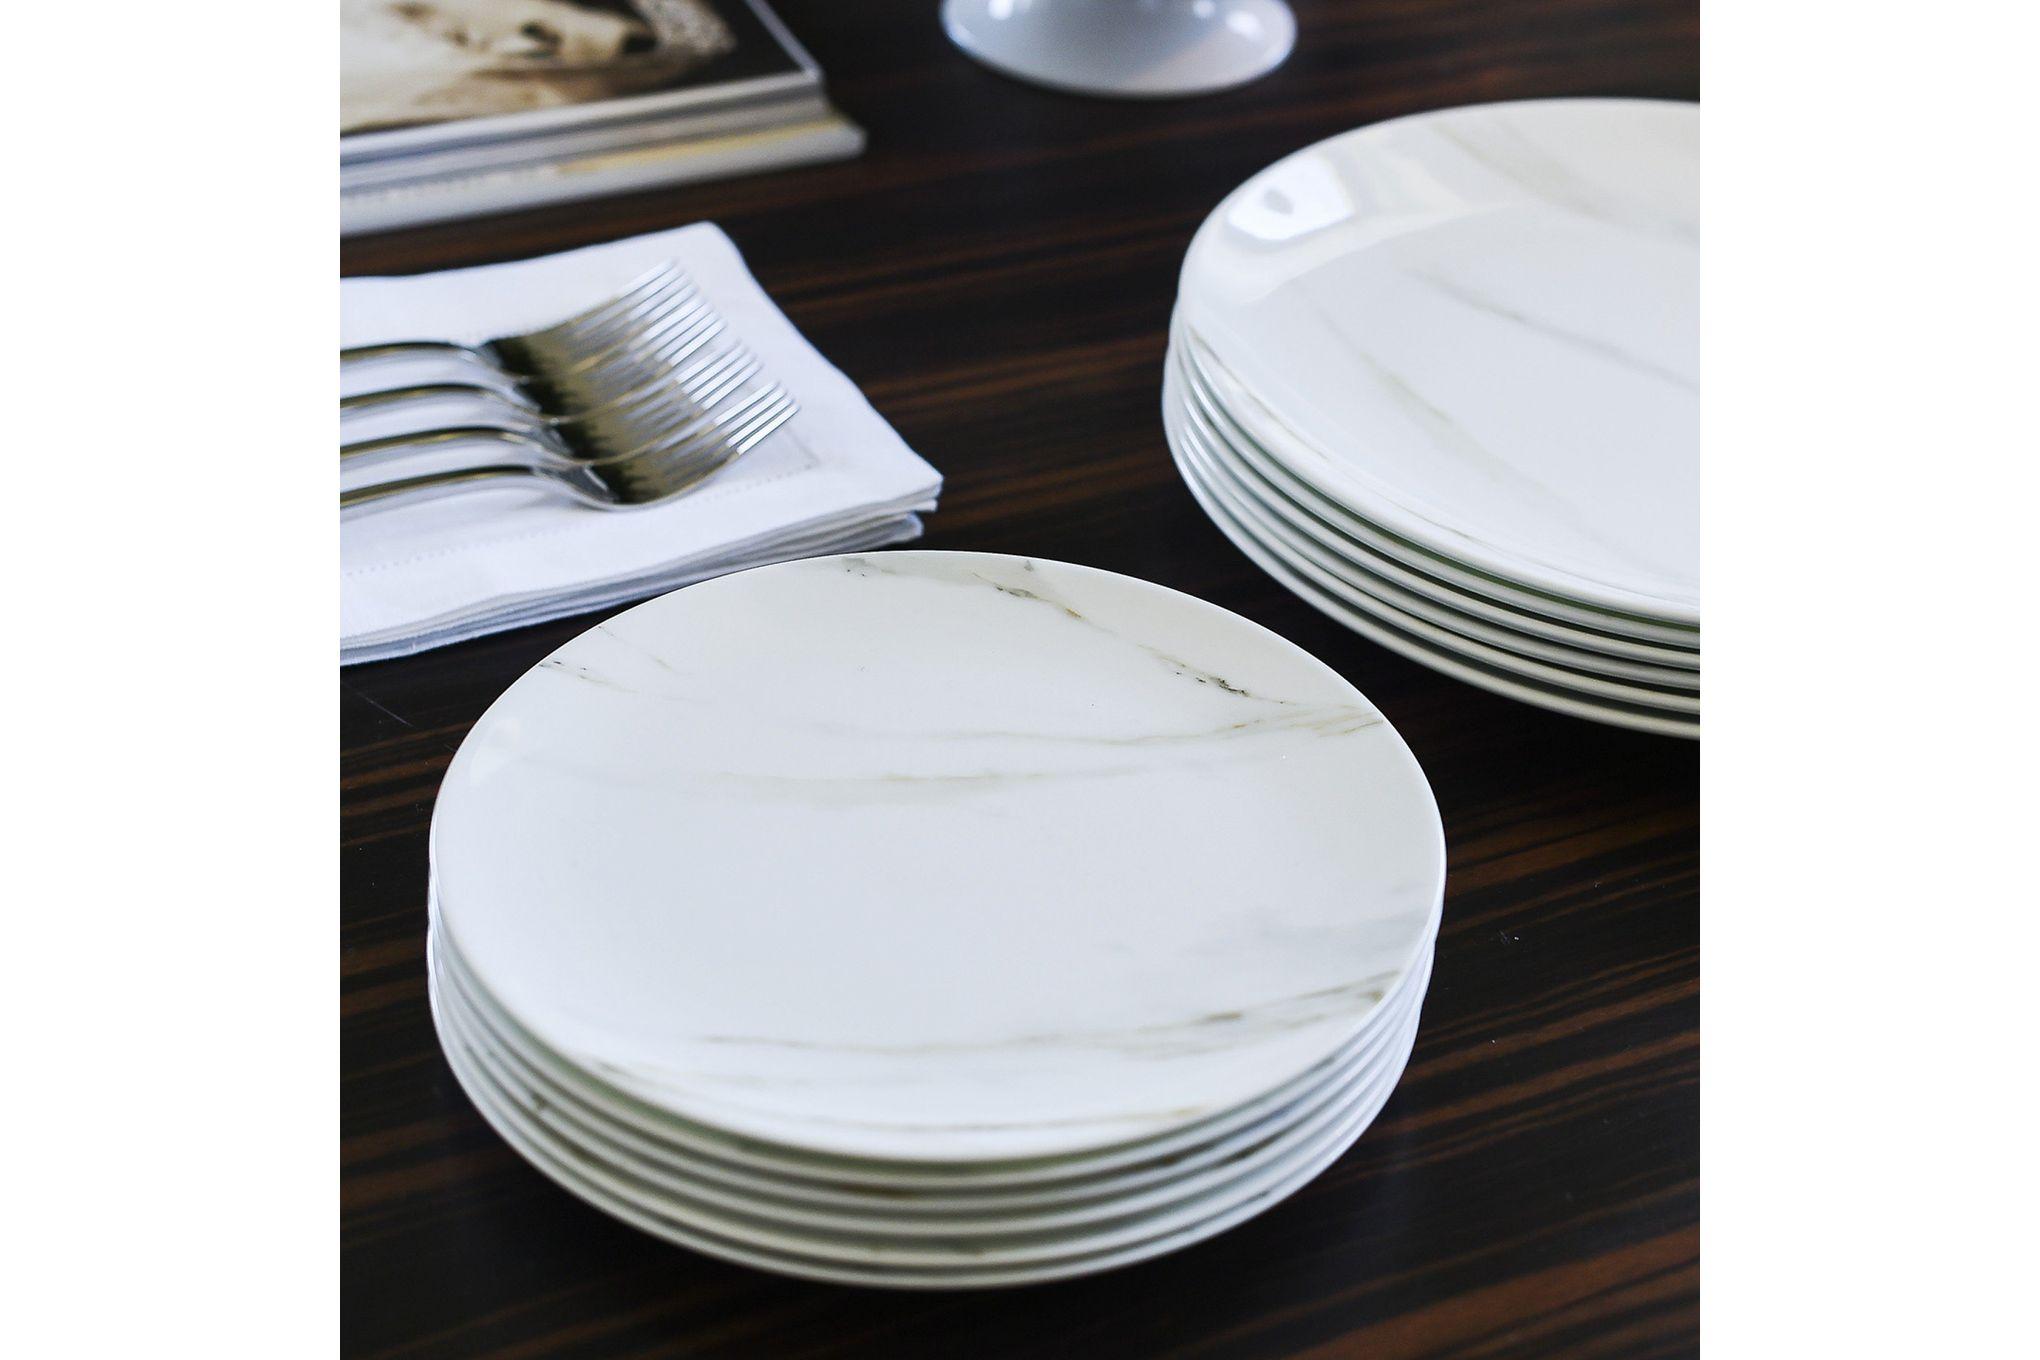 Vera Wang for Wedgwood Venato Imperial Dinner Plate 28cm thumb 2